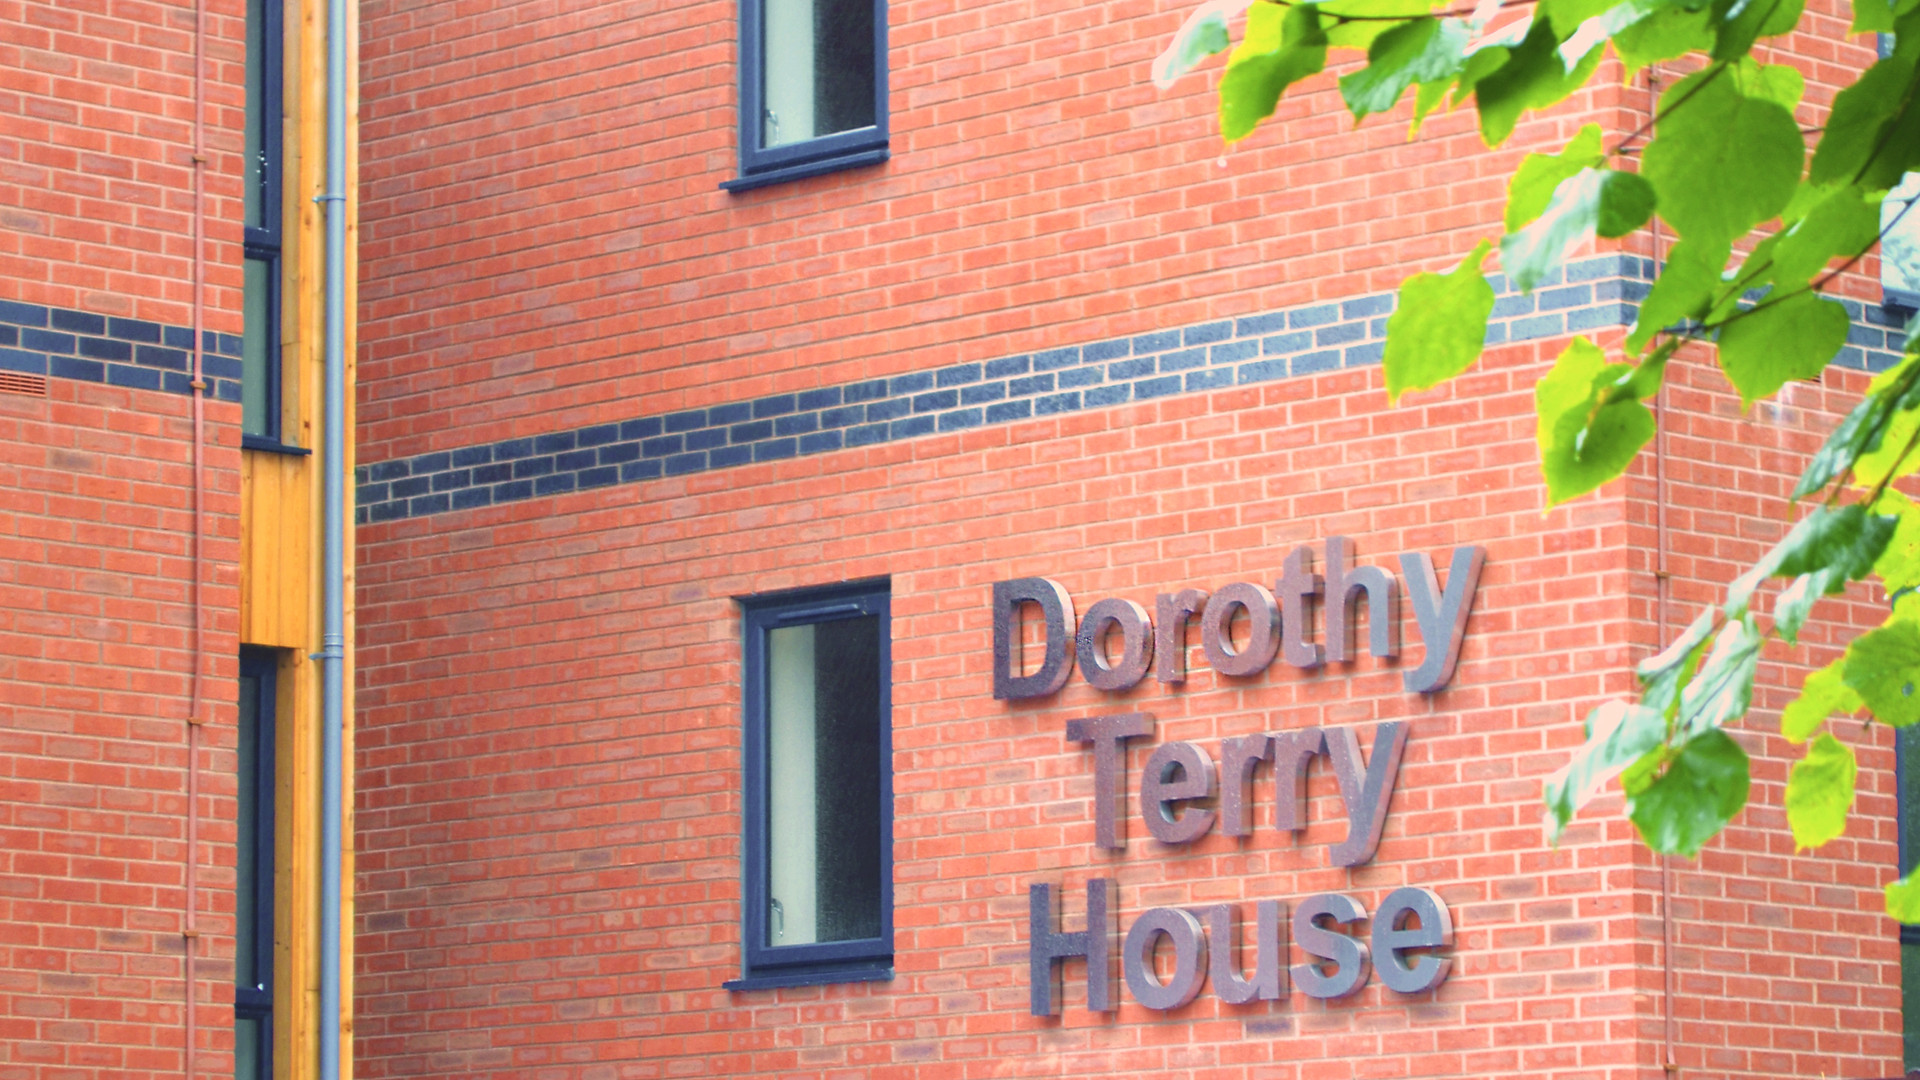 Dorothy Front.jpg